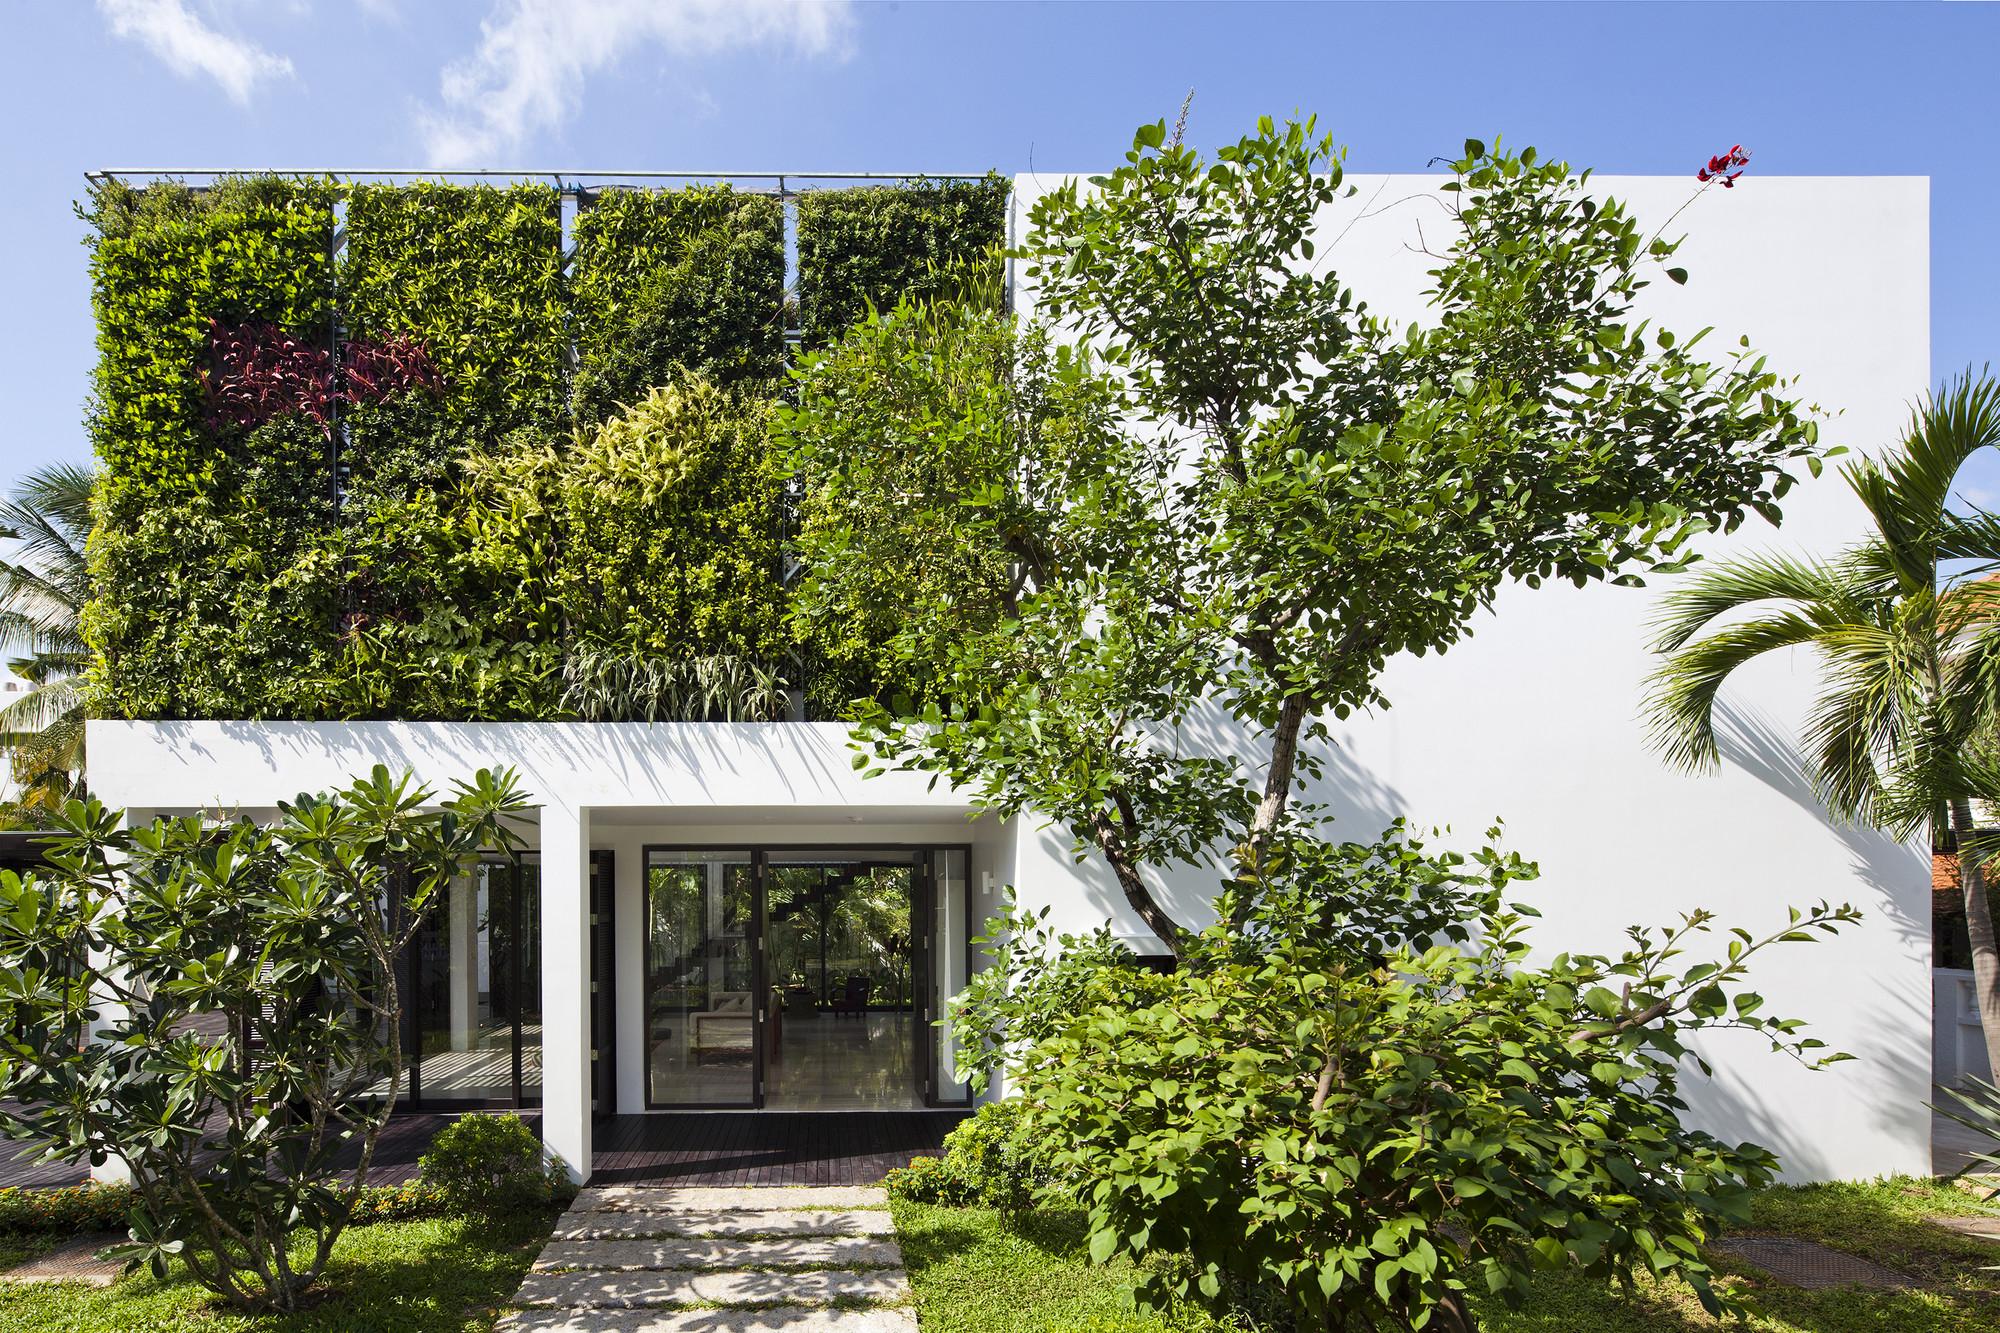 Casa Thao Dien / MM++ architects, © Hiroyuki OKI